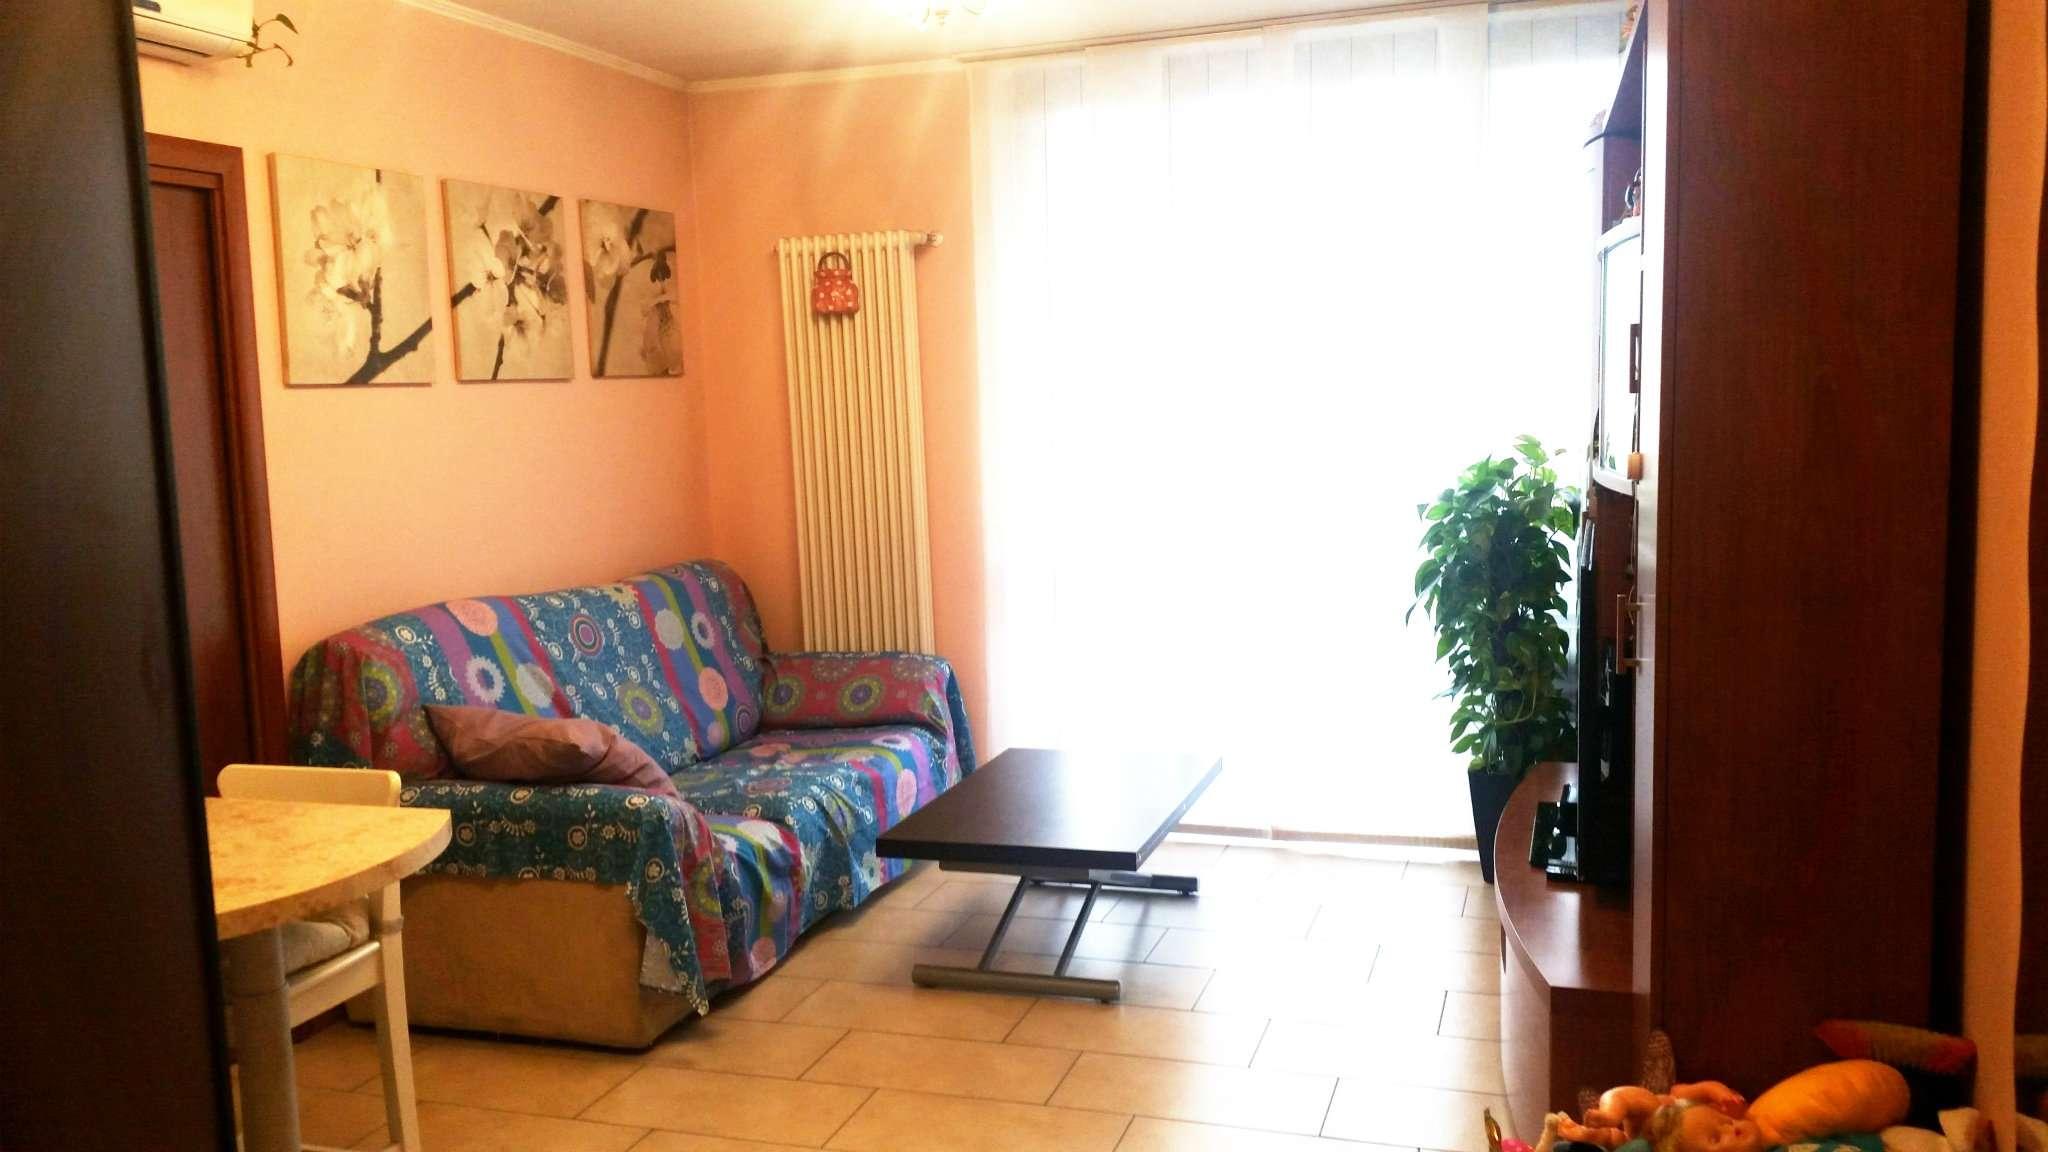 Appartamento in vendita a Settimo Milanese, 2 locali, prezzo € 139.000 | Cambio Casa.it